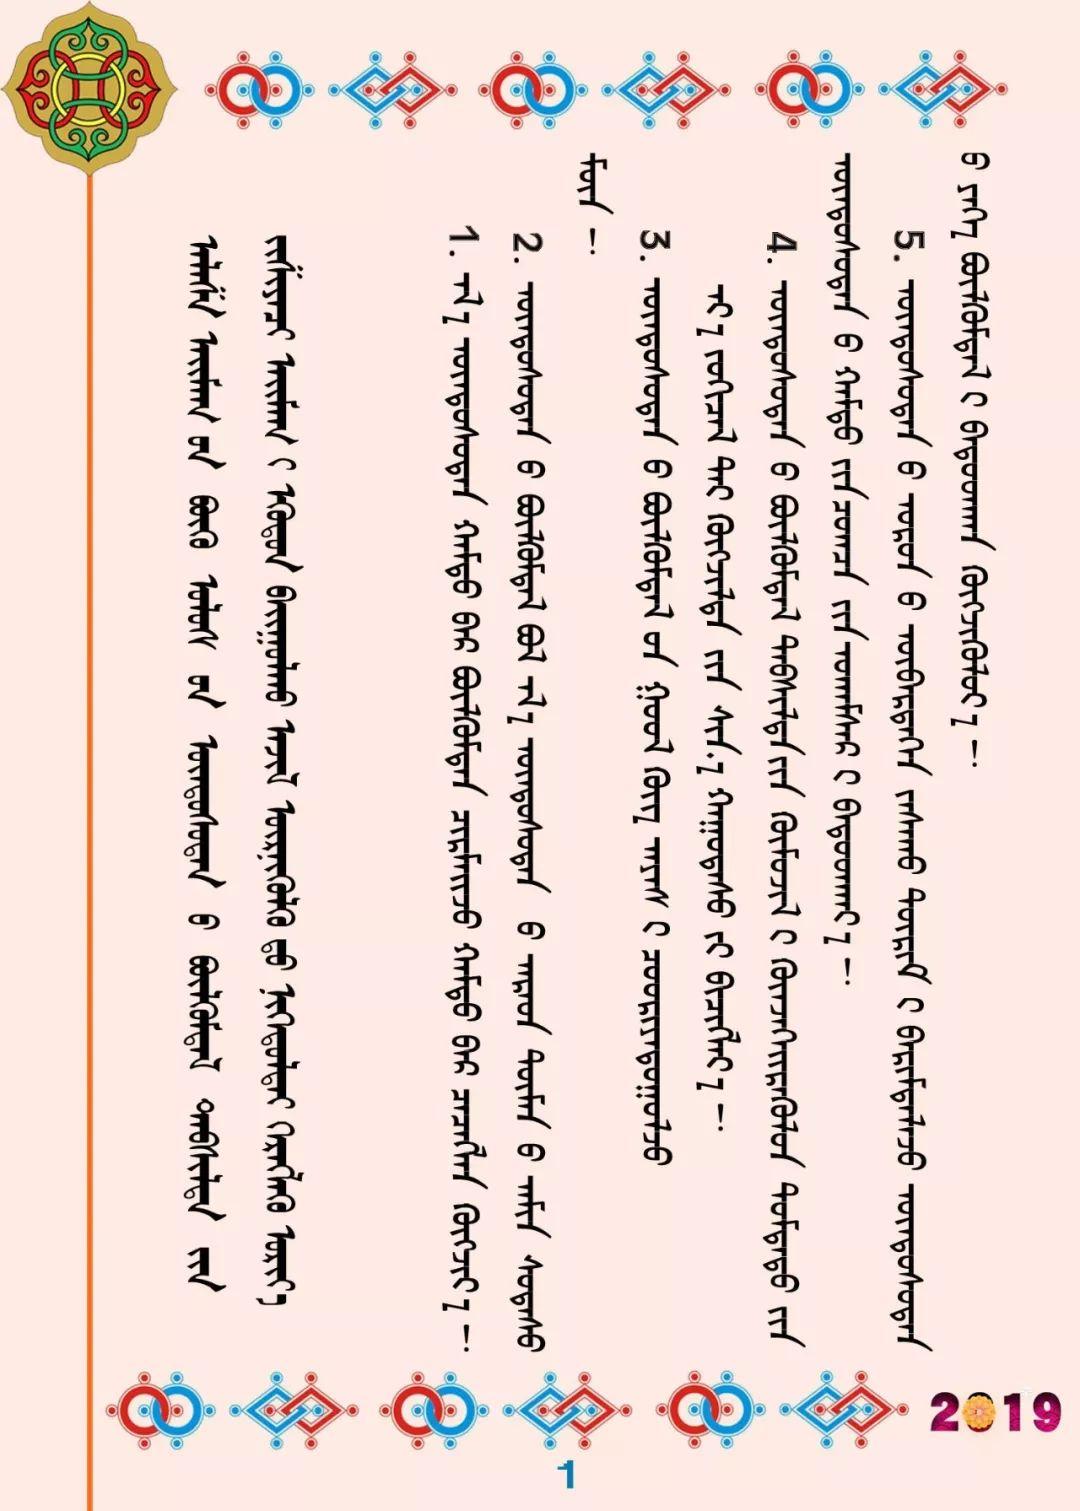 【蒙古文】阿拉善盟民族团结进步宣传标语(蒙汉双语) 第1张 【蒙古文】阿拉善盟民族团结进步宣传标语(蒙汉双语) 蒙古文库